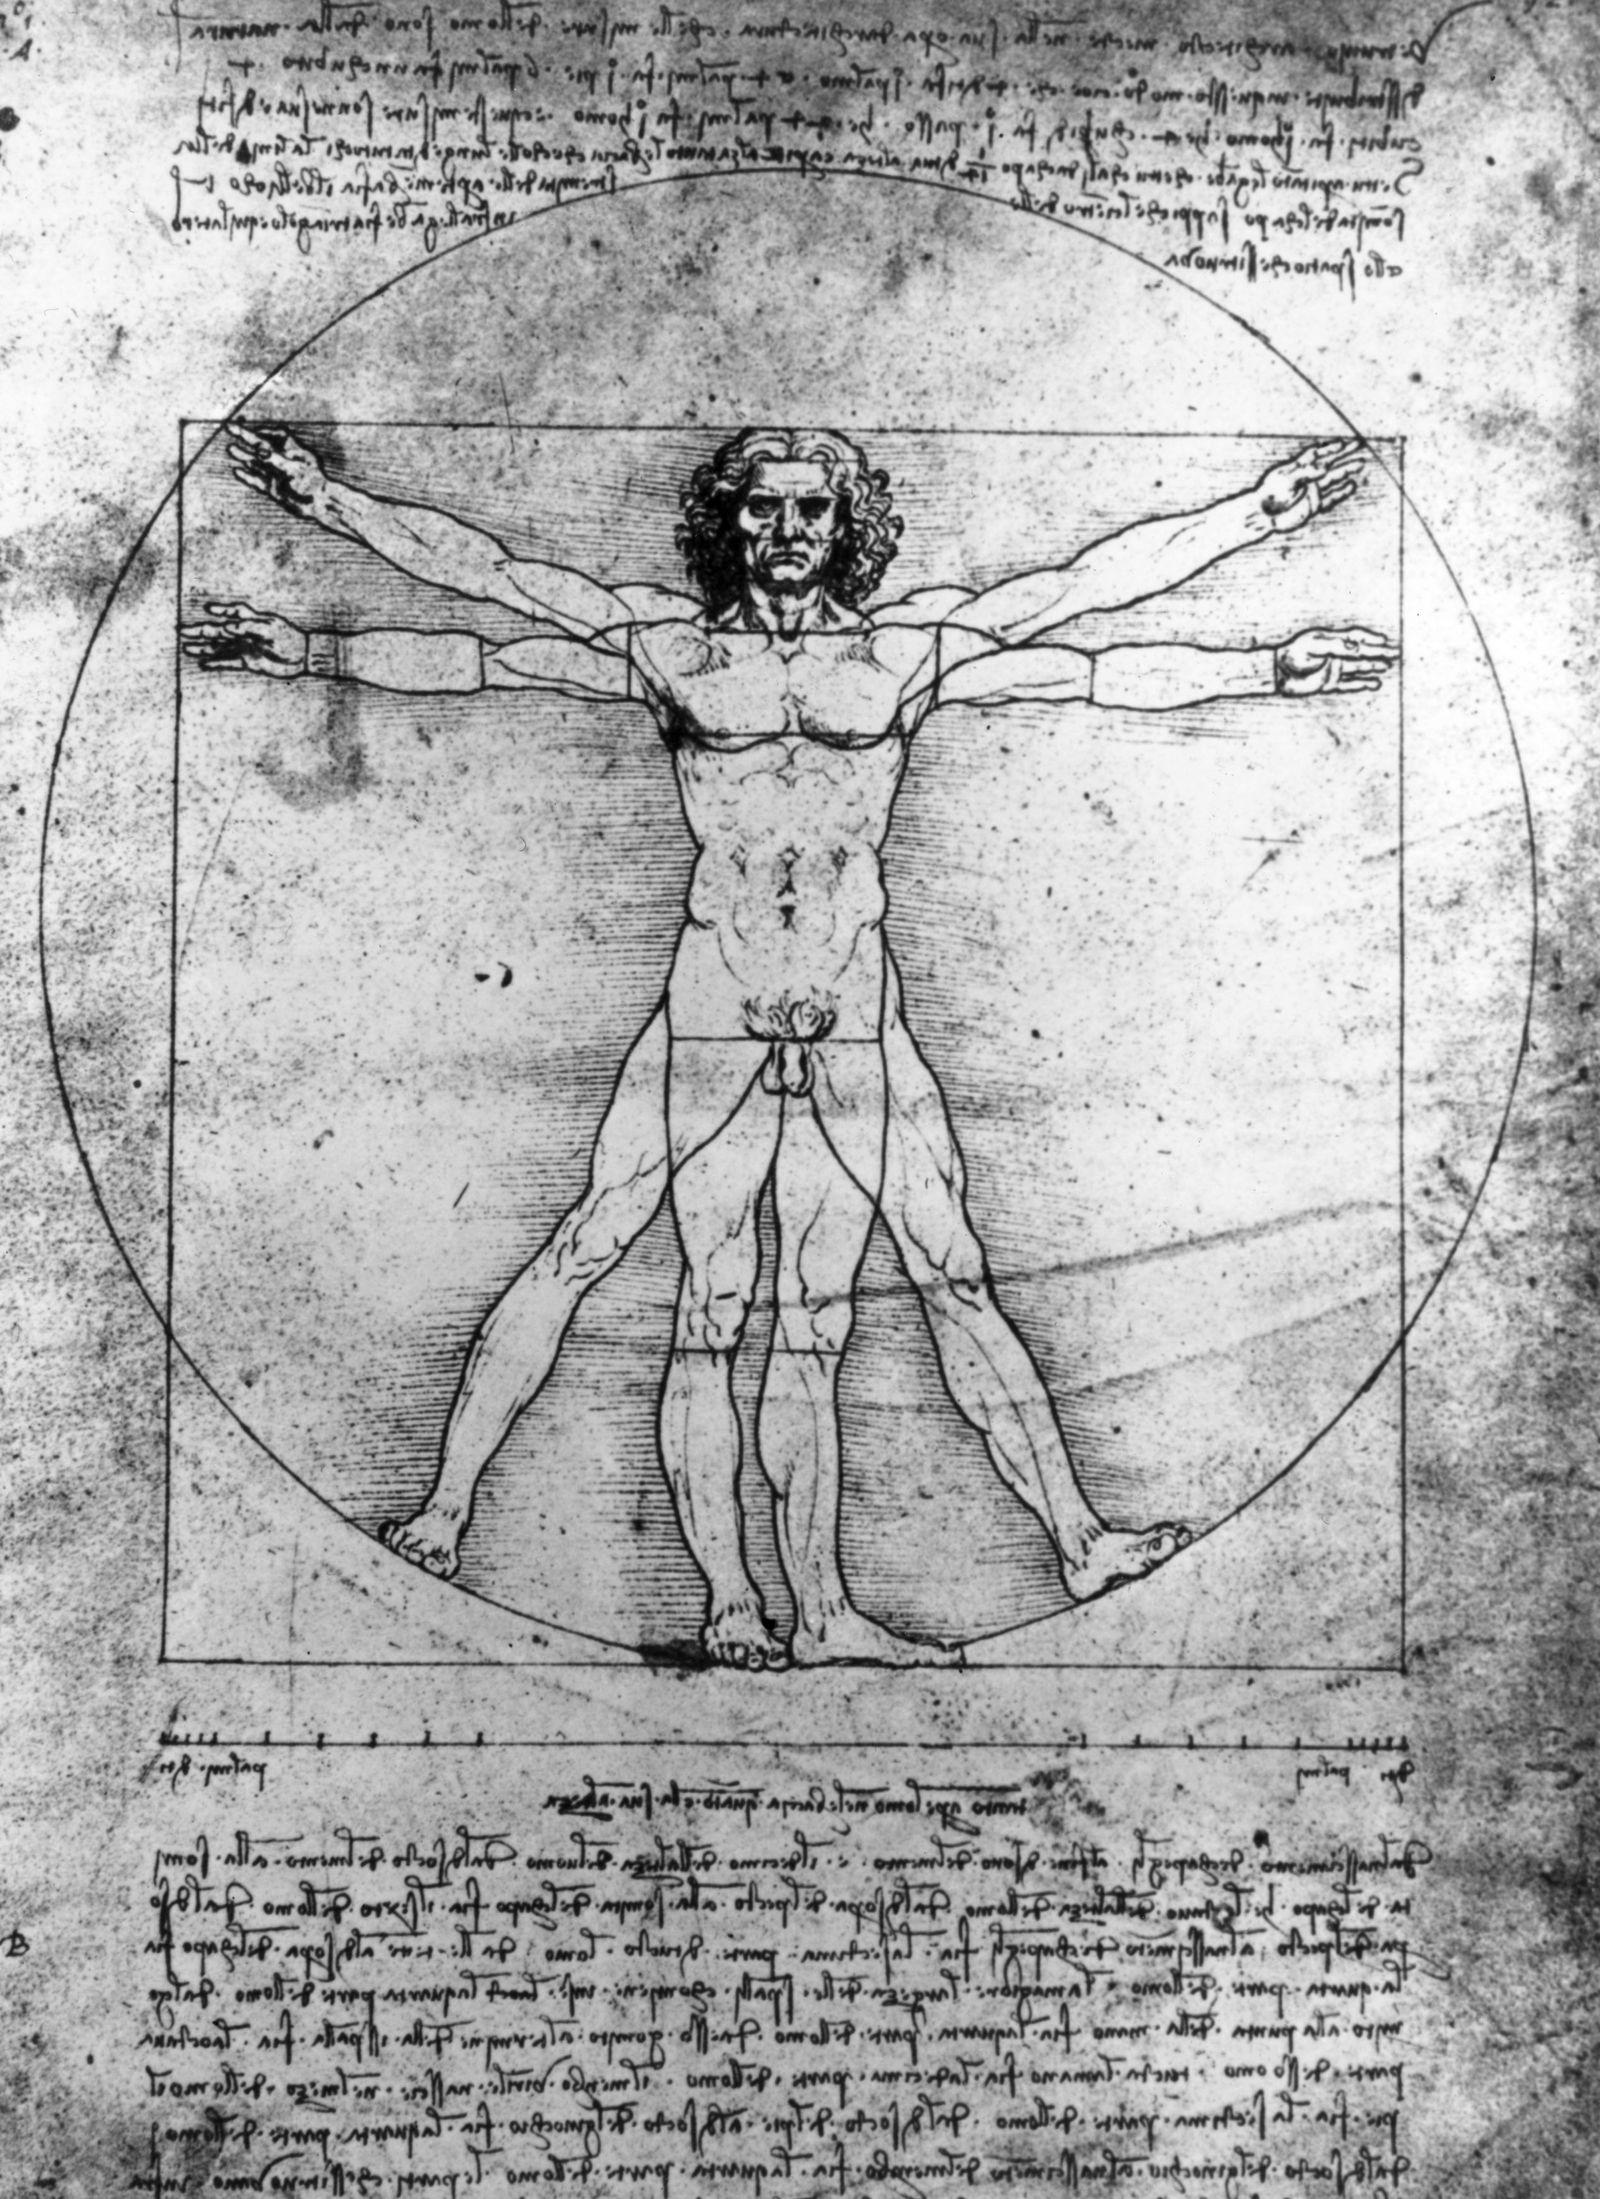 Da Vinci / Zeichnung perfekte Proportionen